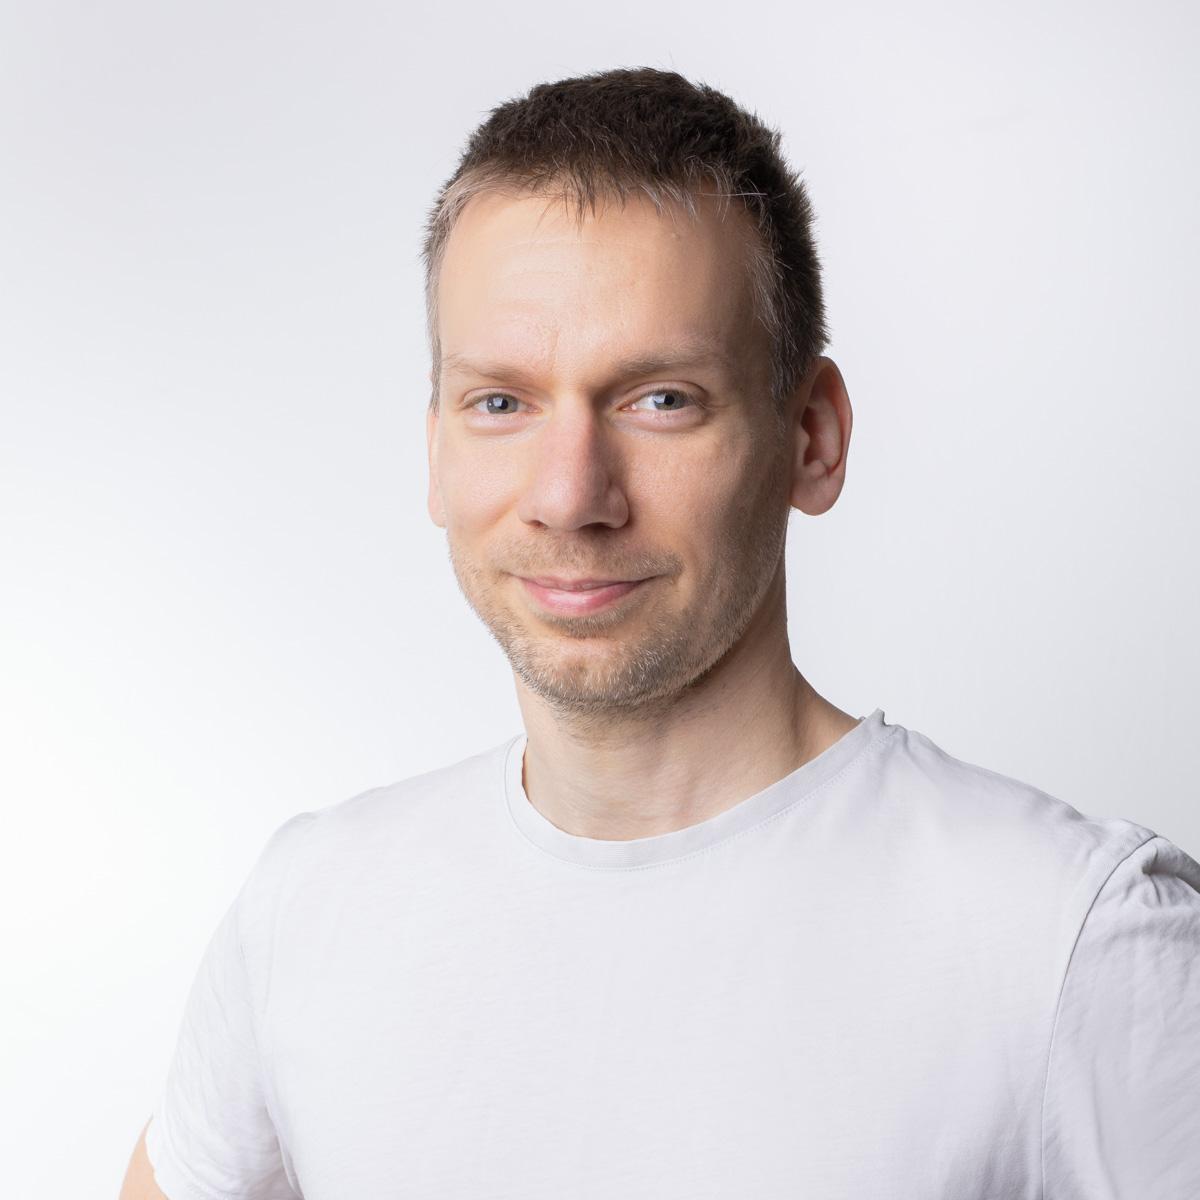 Markus' profile picture